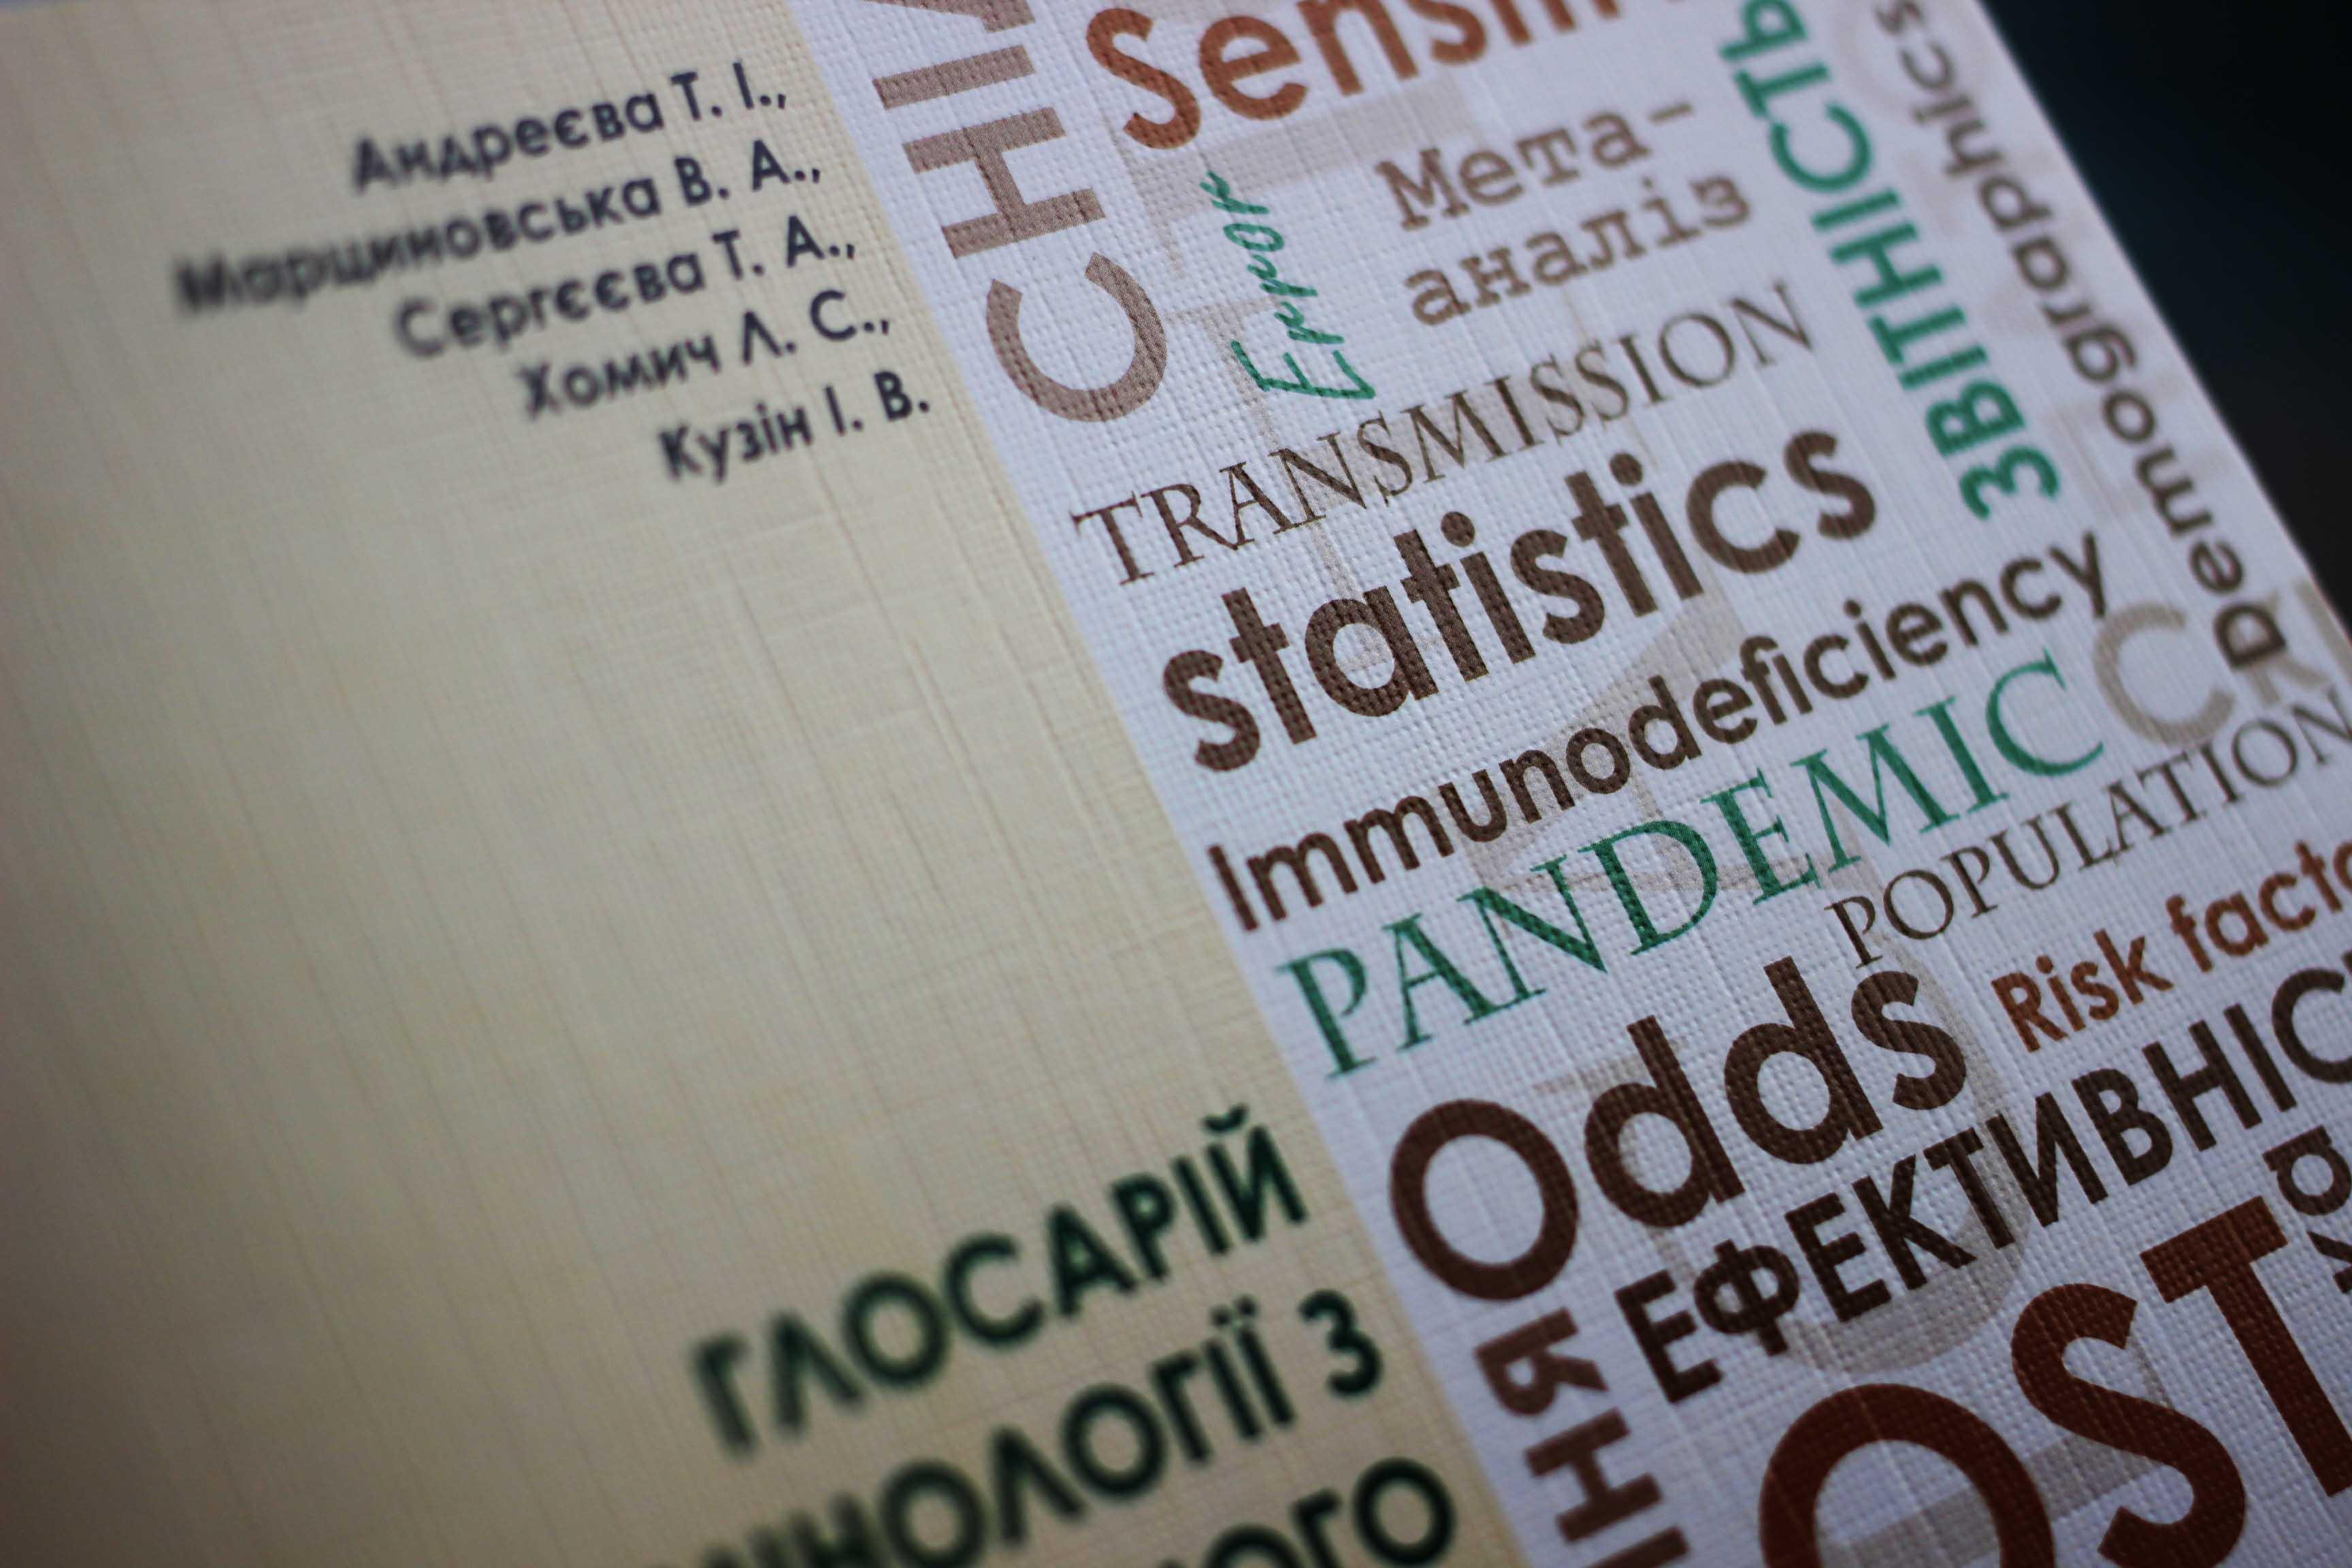 Картон со структурой под лён типография huss